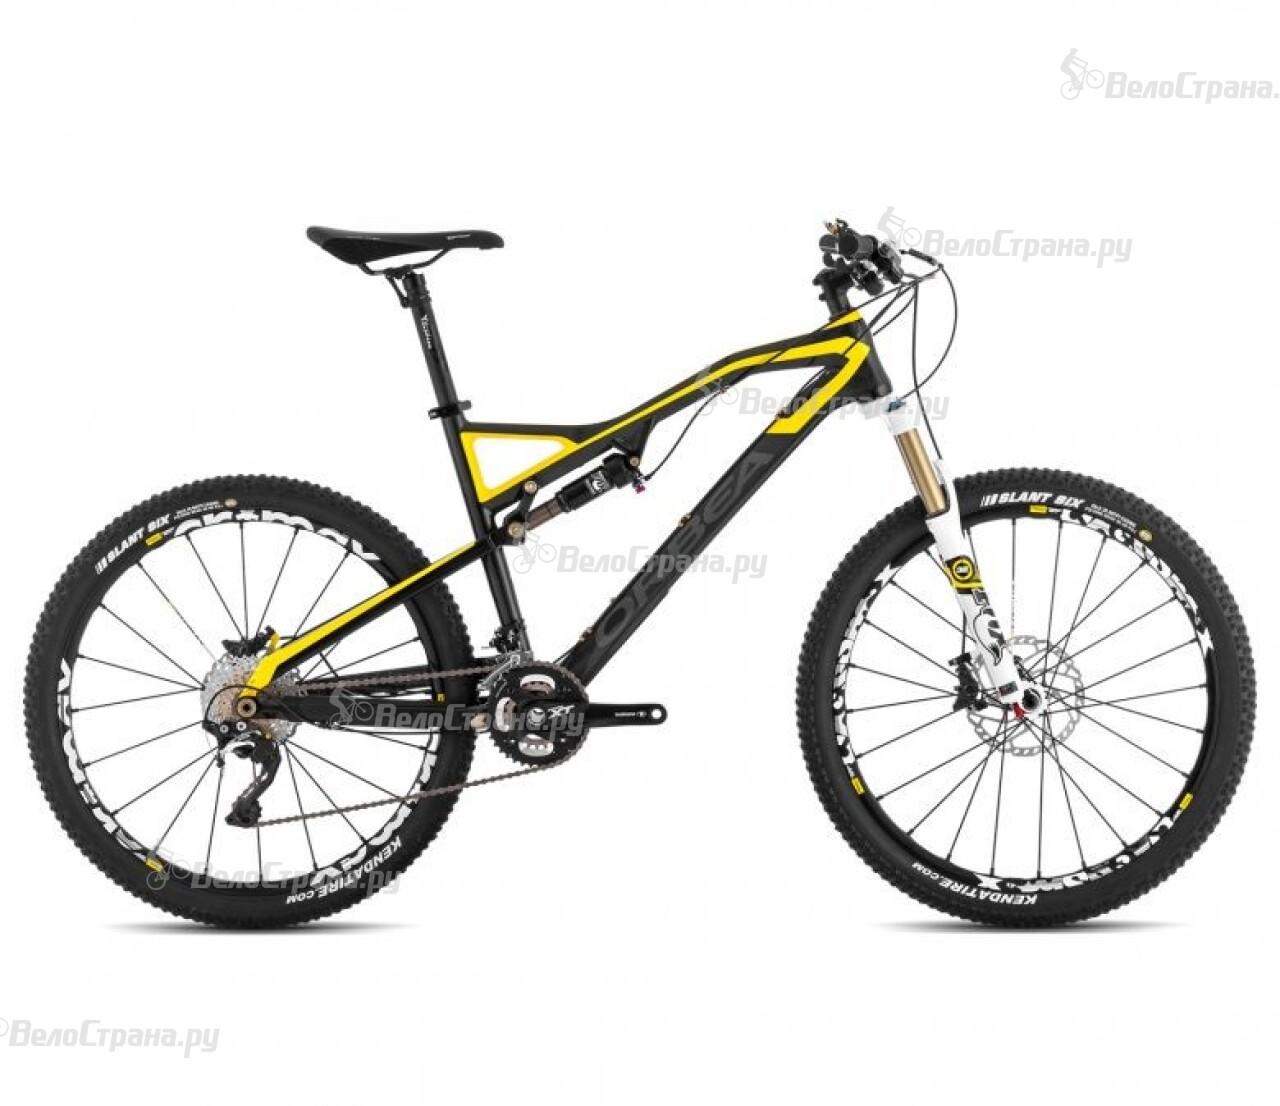 Велосипед Orbea Occam M30 (2014) велосипед orbea occam m10 2014